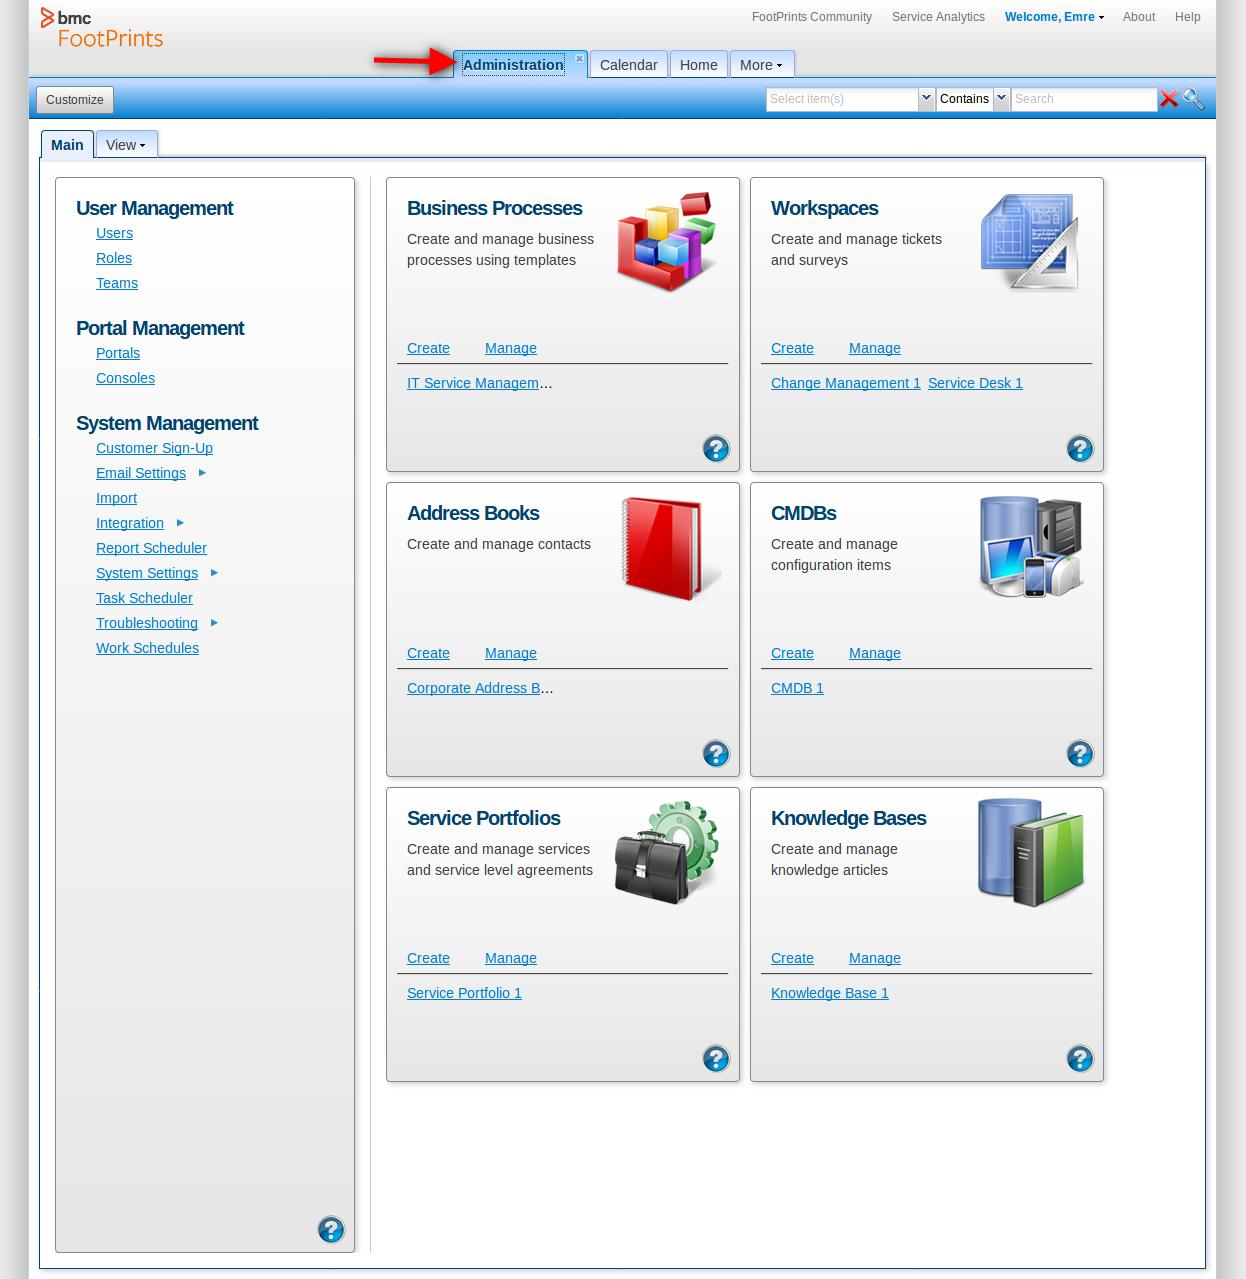 BMC FootPrints V Integration Beforeeu - Footprints help desk software